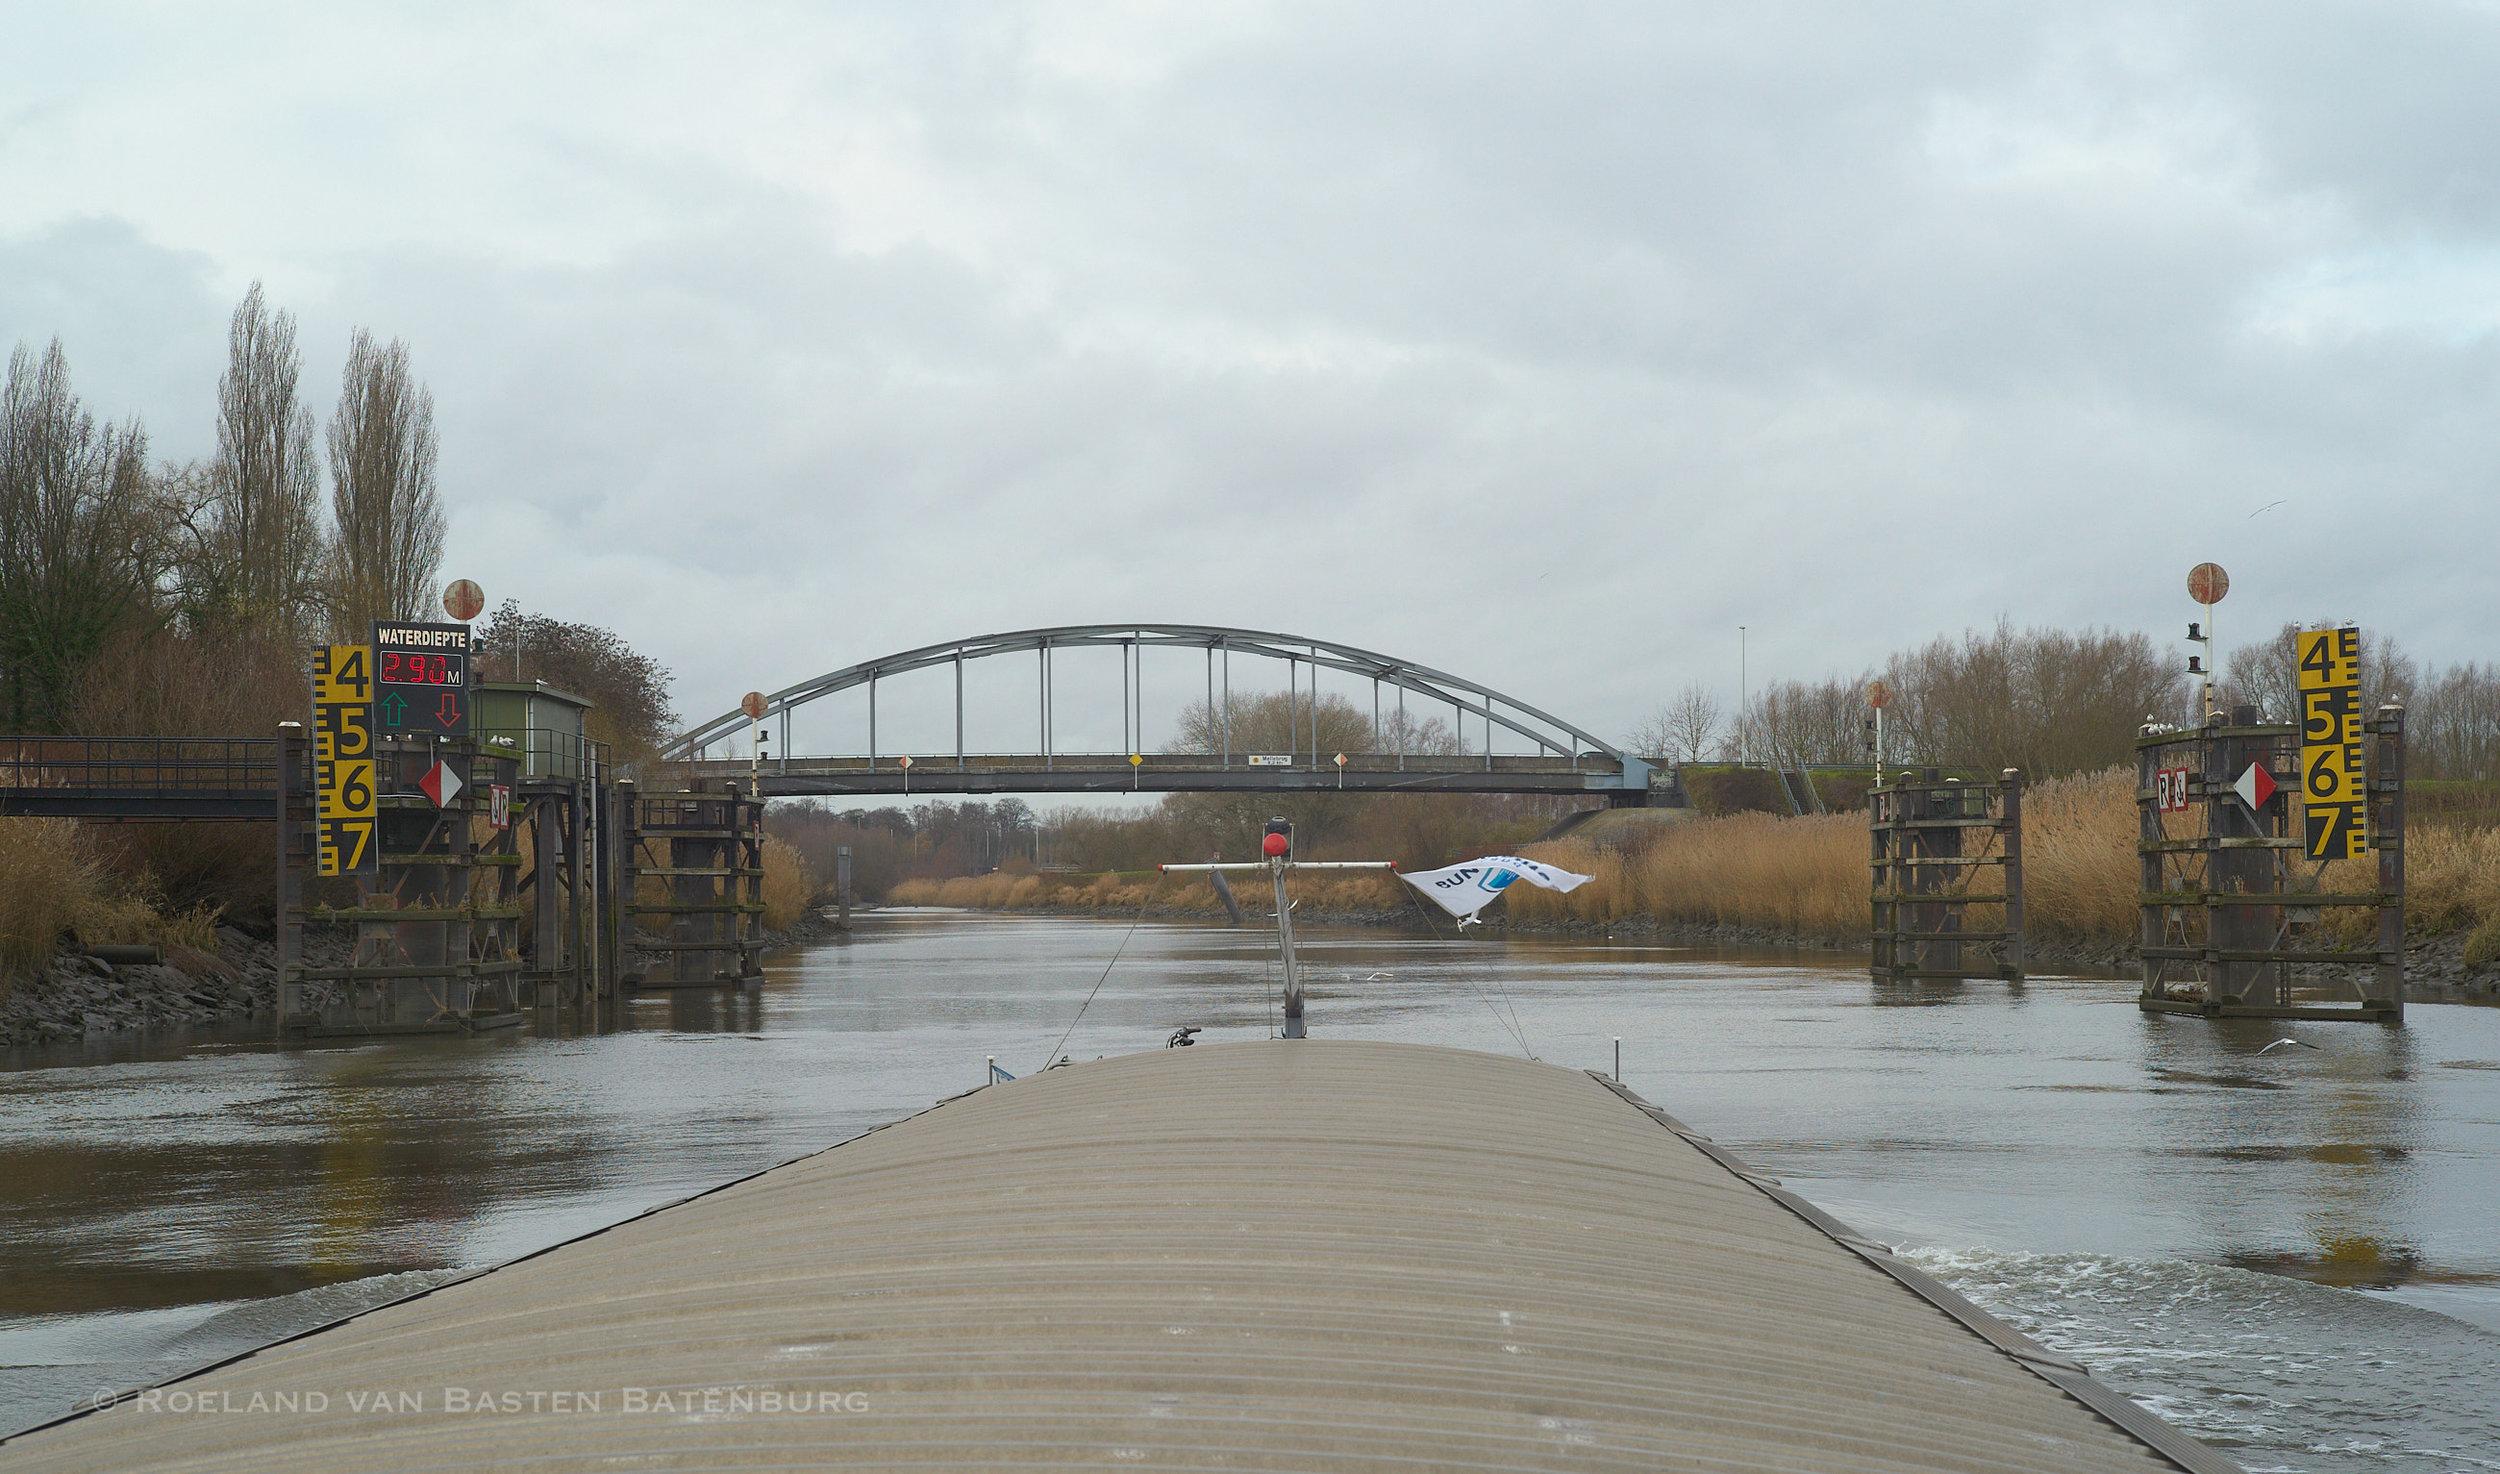 Op de Boven-Zee Schelde bij Melle. We zijn bijna van de rivier af en varen straks het kanaal naar de sluis van Merelbeke in.